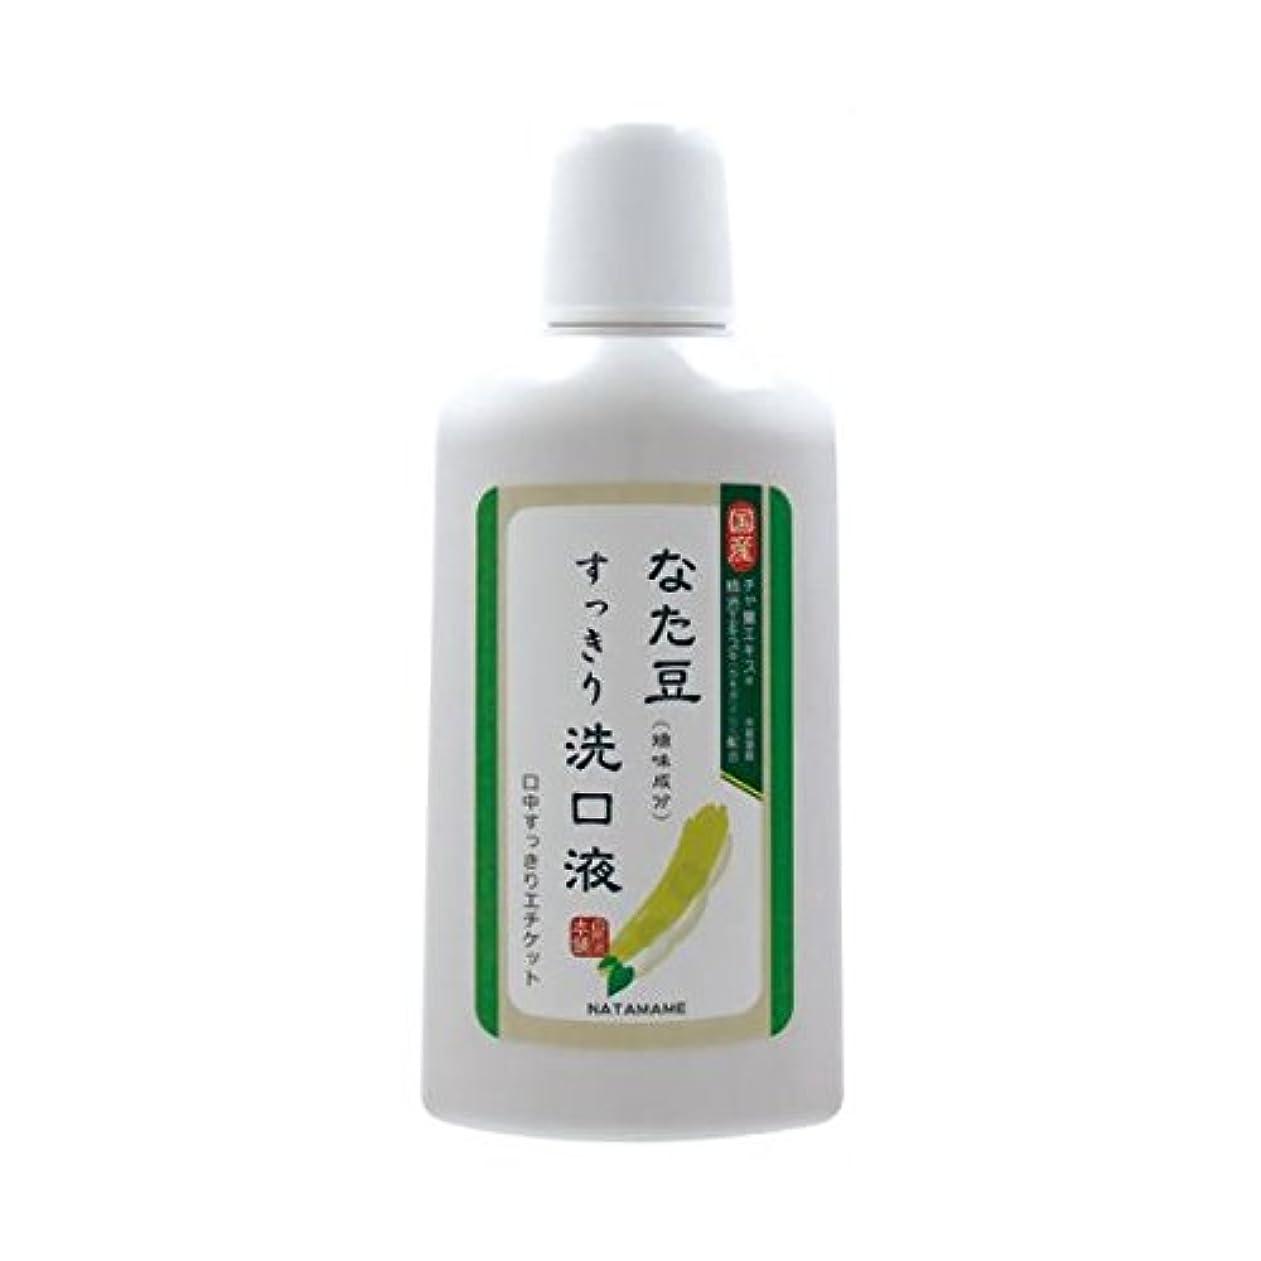 ベーリング海峡削る役立つ《セット販売》 なた豆すっきり洗口液 なた豆 洗口液 (500ml)×2個セット